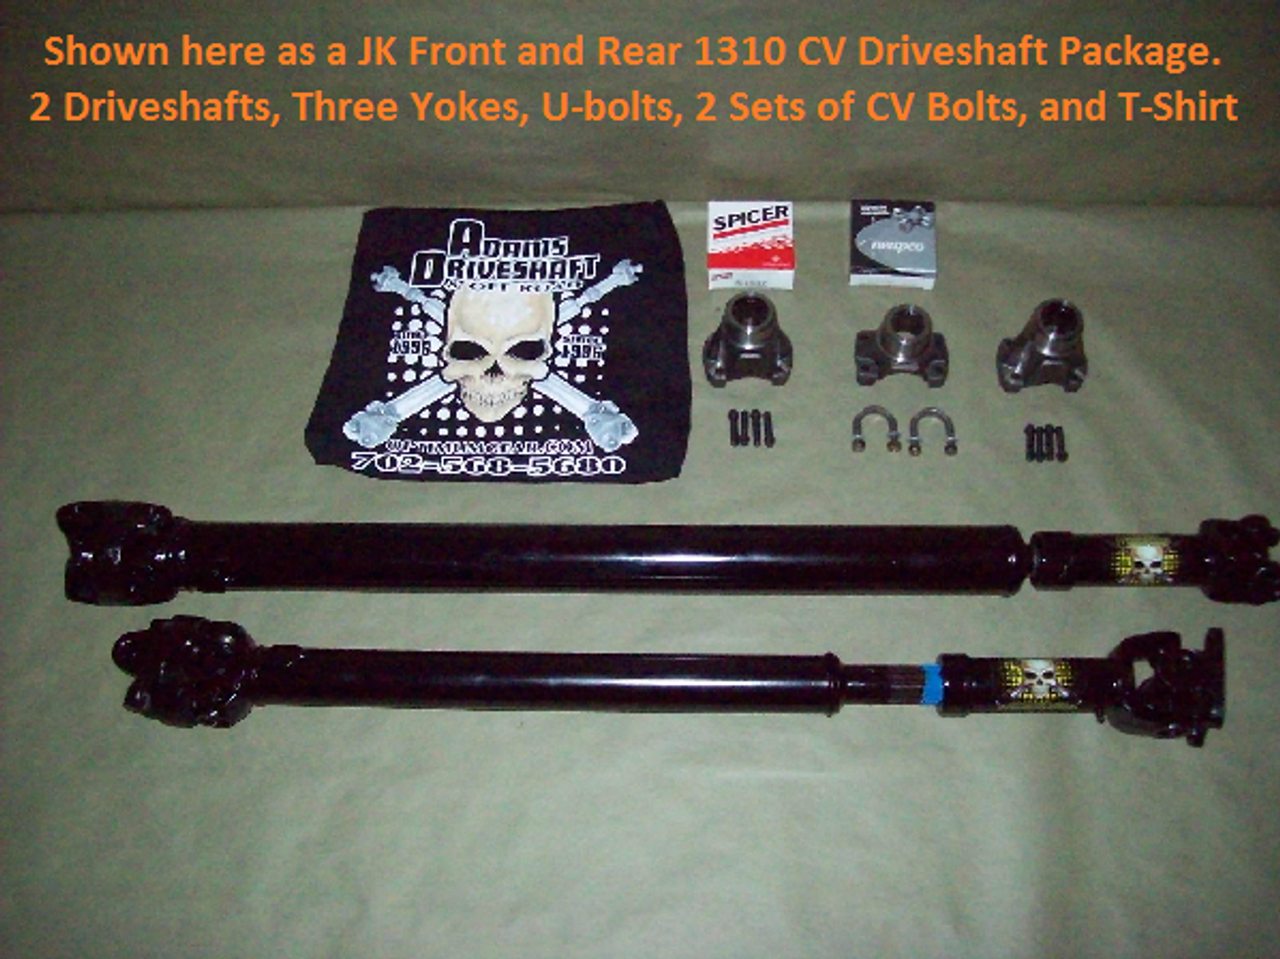 Adams Driveshaft AD-JK-F/R-Driveshaft PKG 1310 1310 Front & Rear CV Driveshaft Package for Wrangler JK 2007+